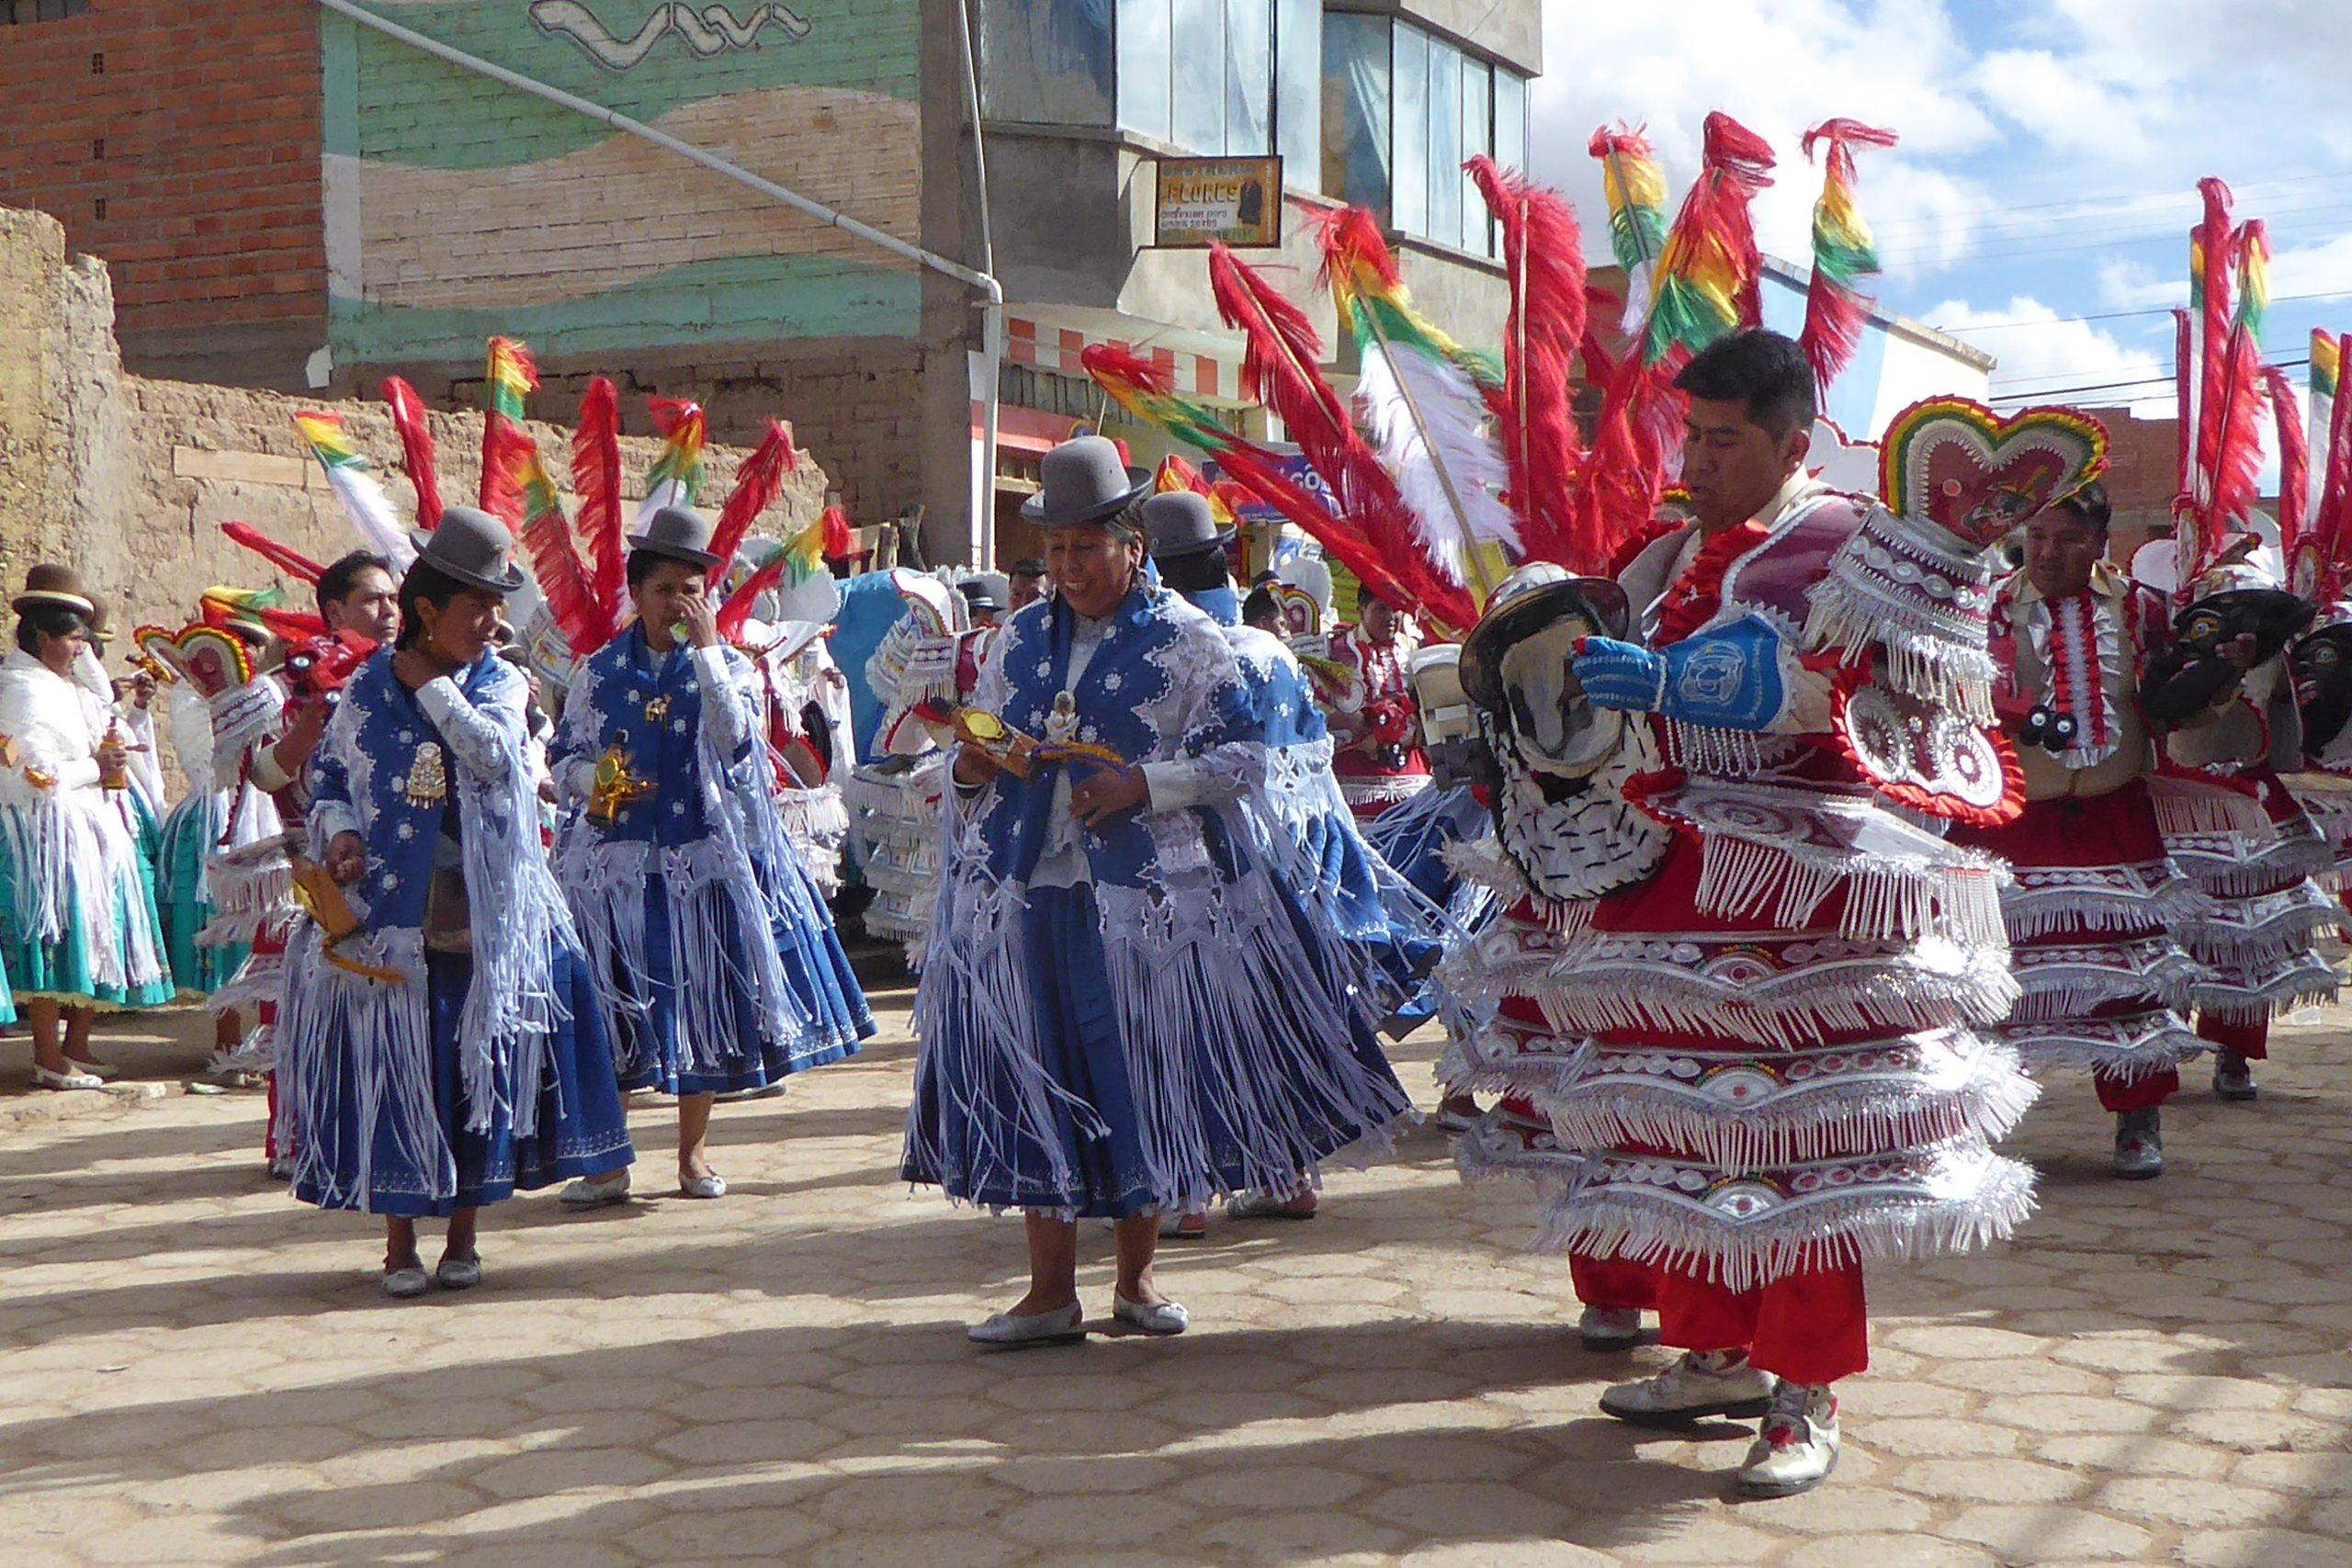 Radreise Südamerika 2019 - Festividad de la Virgen del Rosario